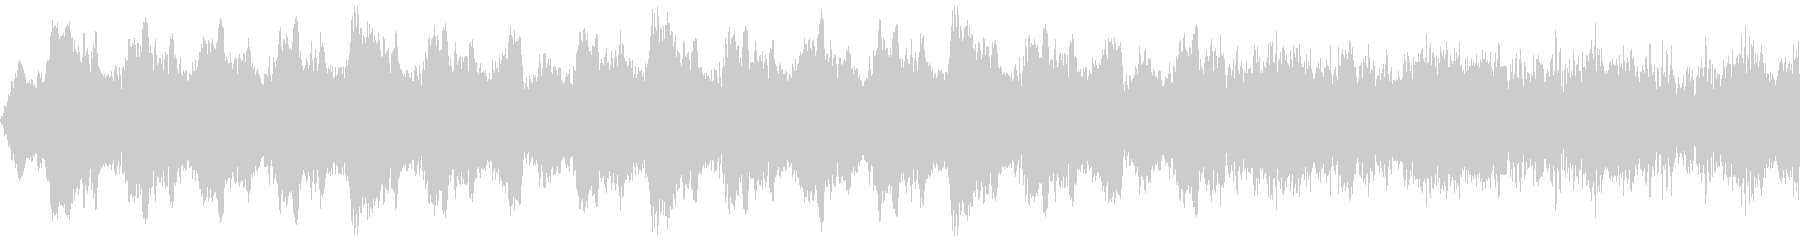 得体のしれない怪しいホラーBGM(短い)の未再生の波形